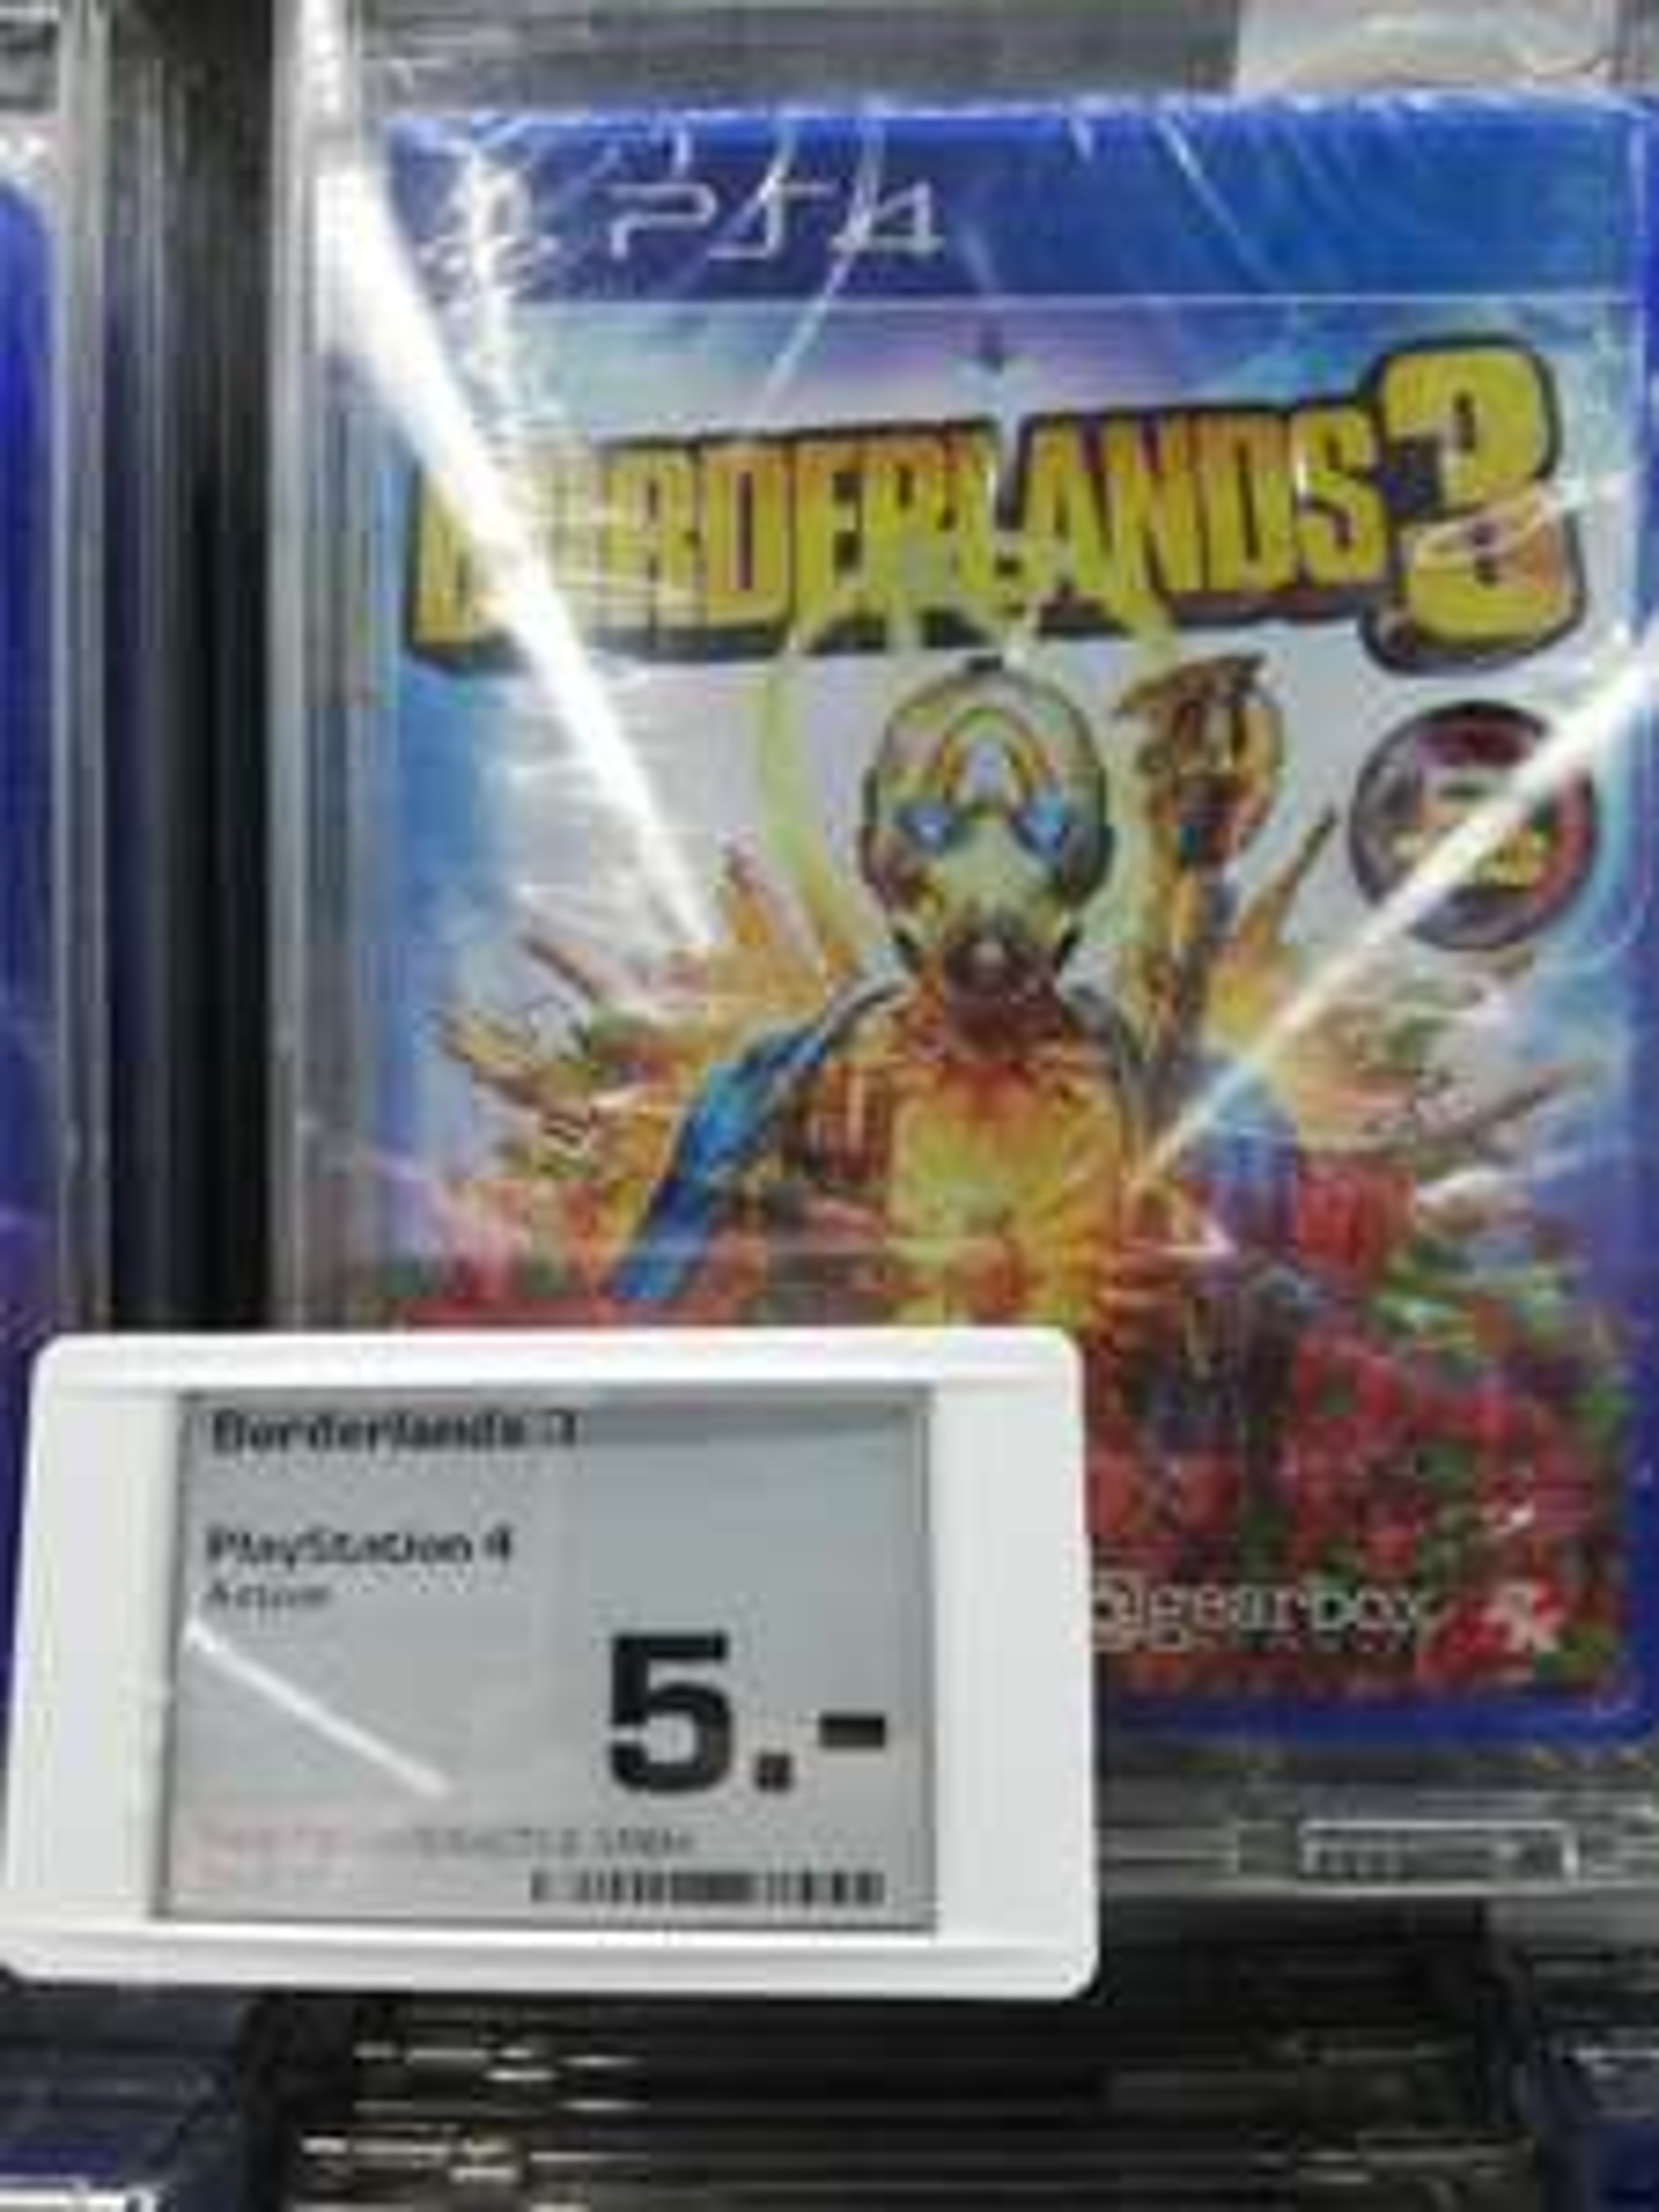 Borderlands 3' PS4 /Münster (West) Saturn ARKADEN *LOKAL!